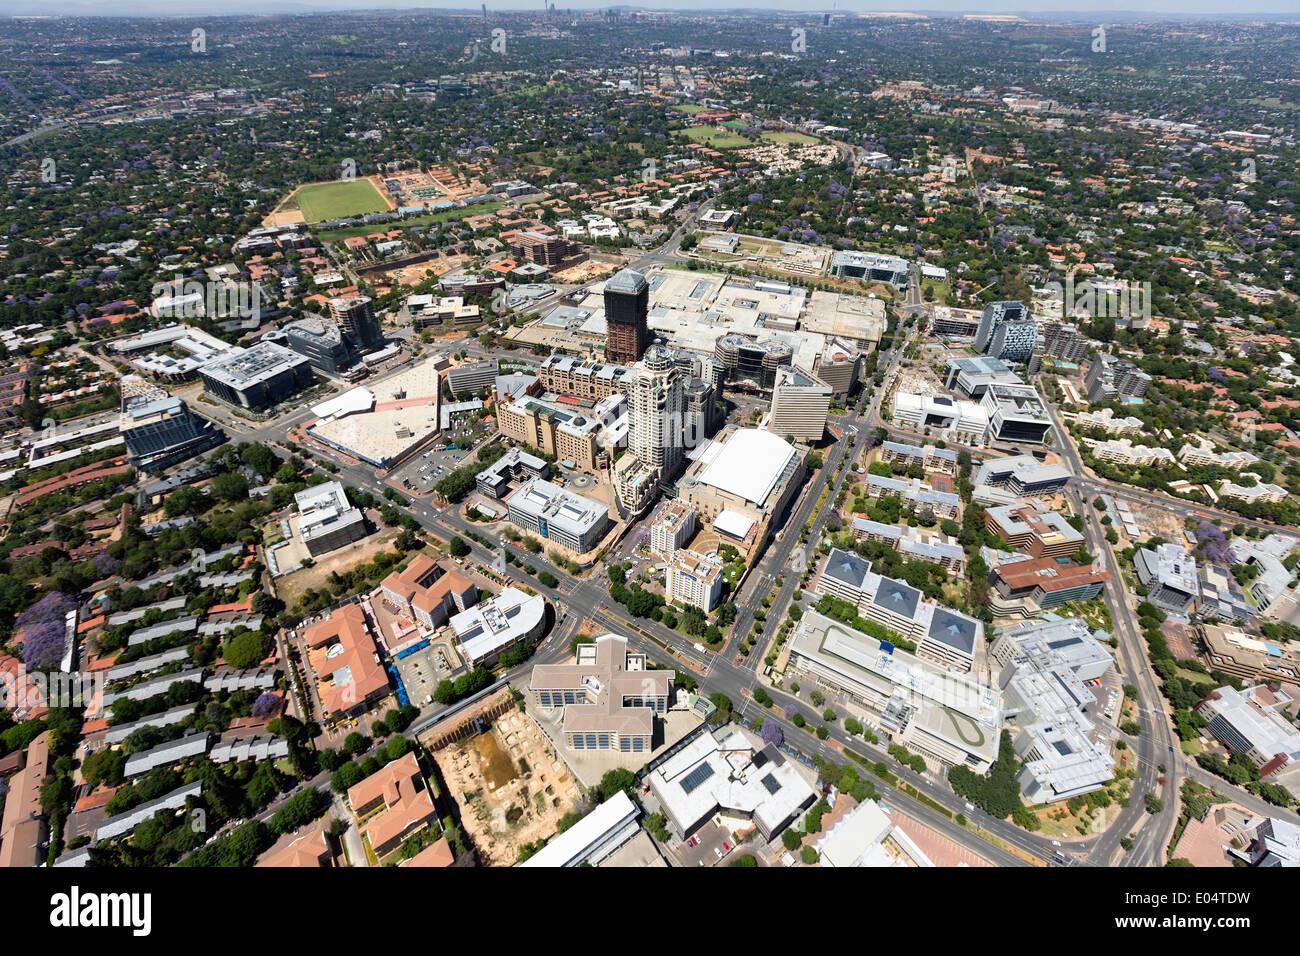 Vista aerea di Sandton edifici ad alta, Johannesburg, Sud Africa. Immagini Stock